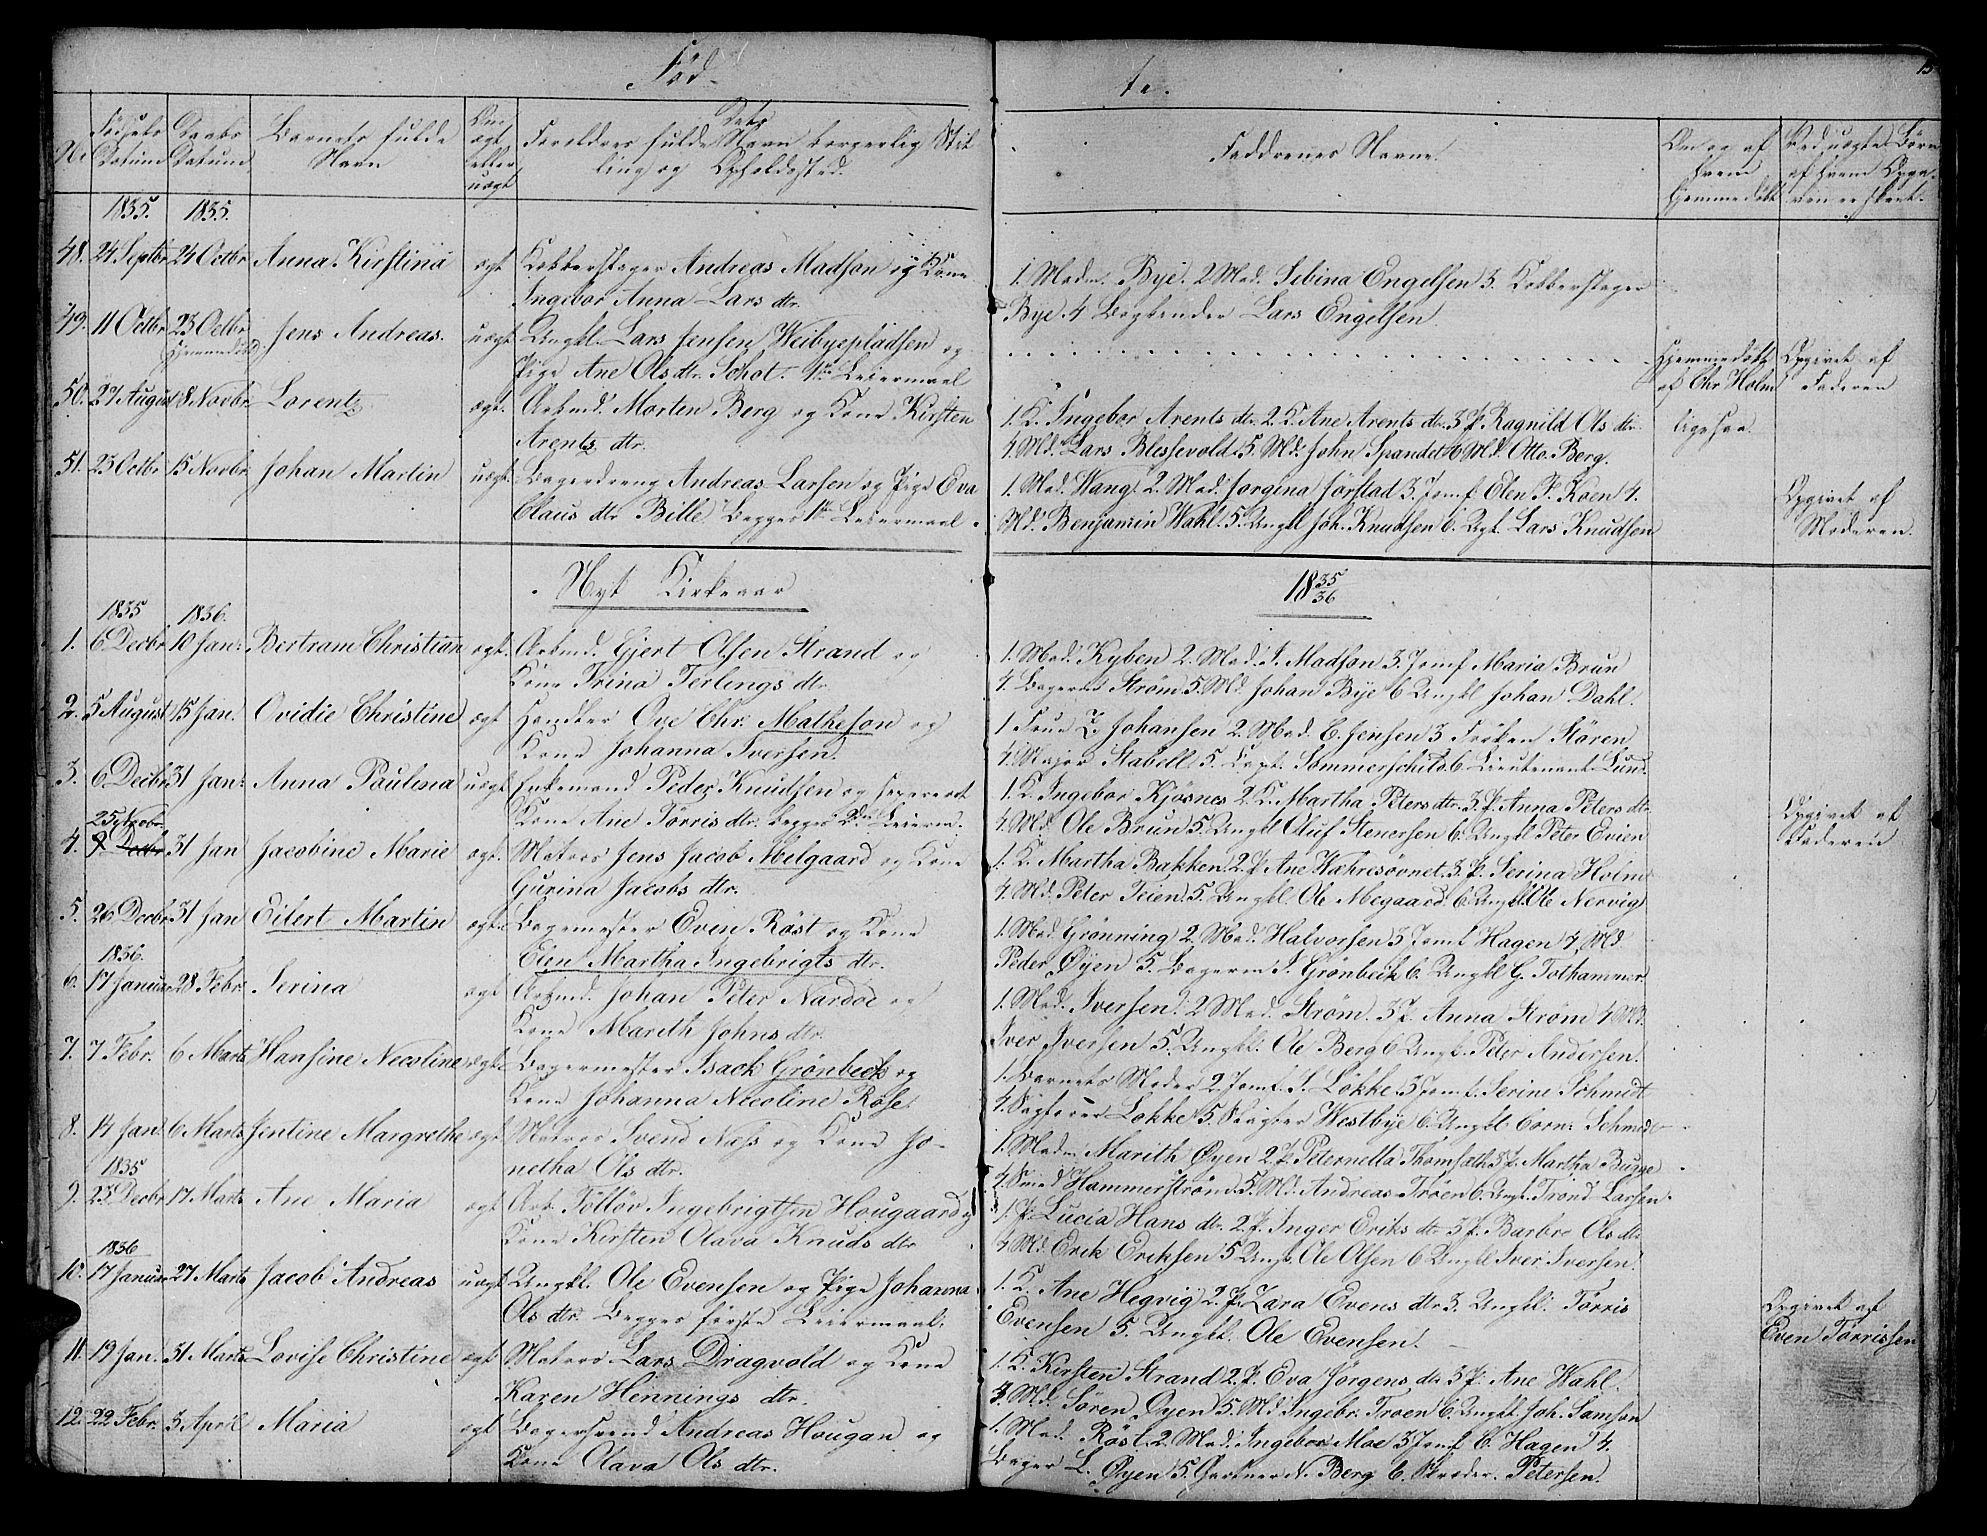 SAT, Ministerialprotokoller, klokkerbøker og fødselsregistre - Sør-Trøndelag, 604/L0182: Ministerialbok nr. 604A03, 1818-1850, s. 15